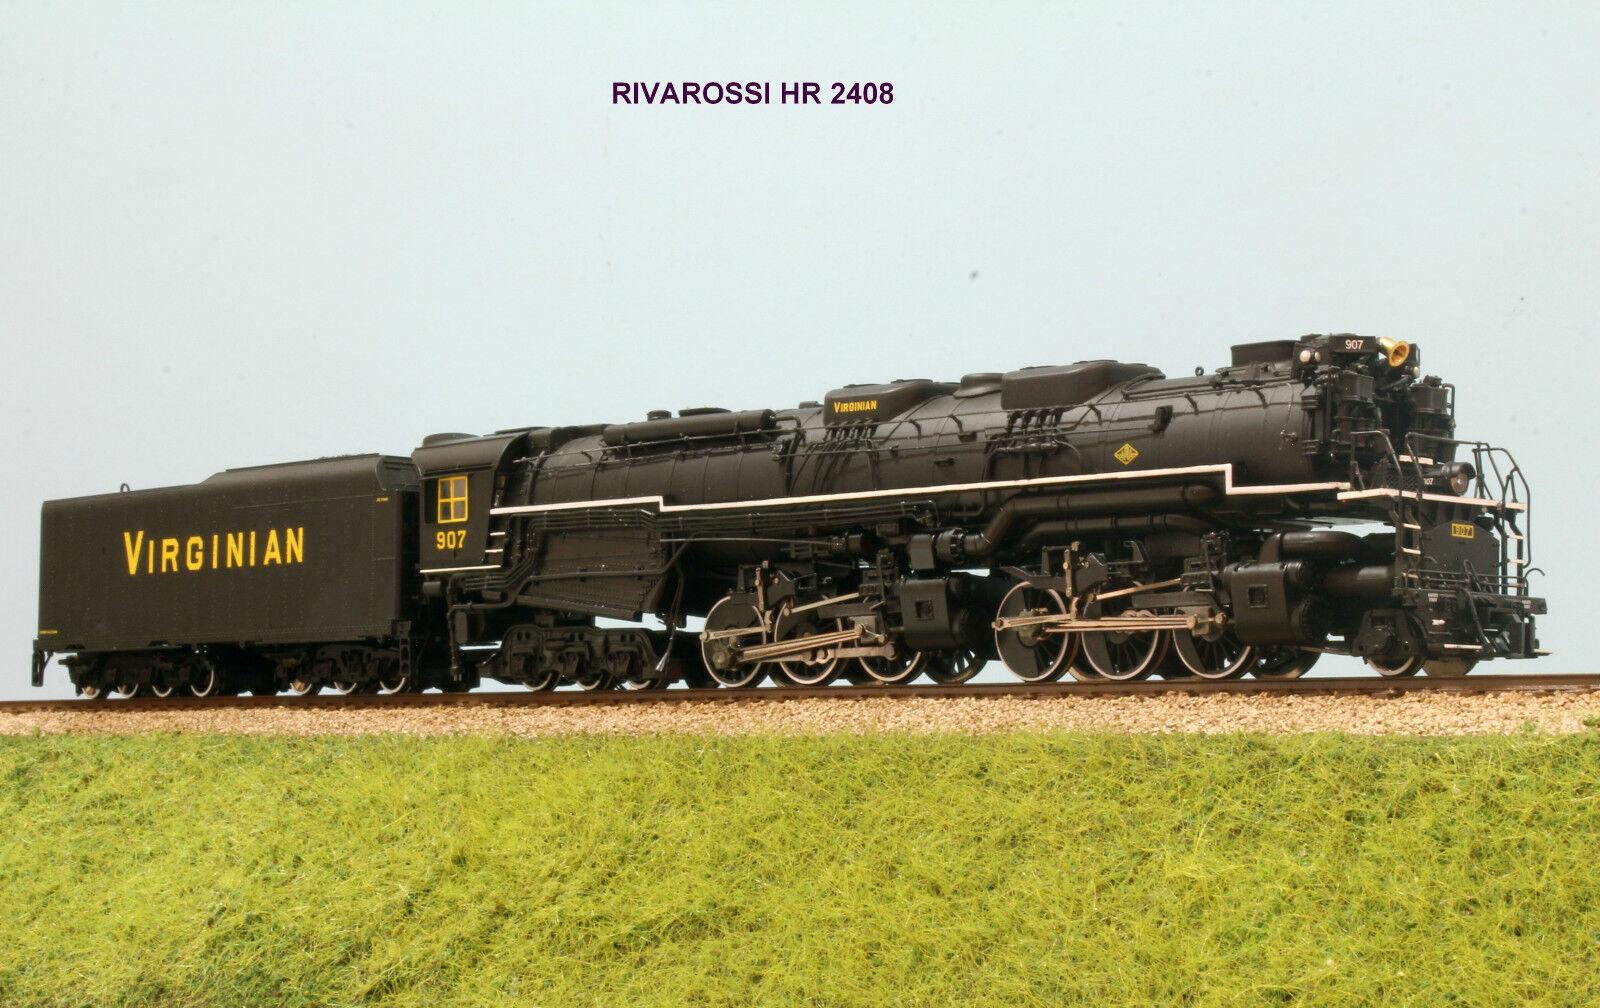 Los mejores precios y los estilos más frescos. RIVAROSSI RIVAROSSI RIVAROSSI HR 2408 Locomotiva a vapore 2-6-6-6 Virginian Rail Road  orden ahora disfrutar de gran descuento